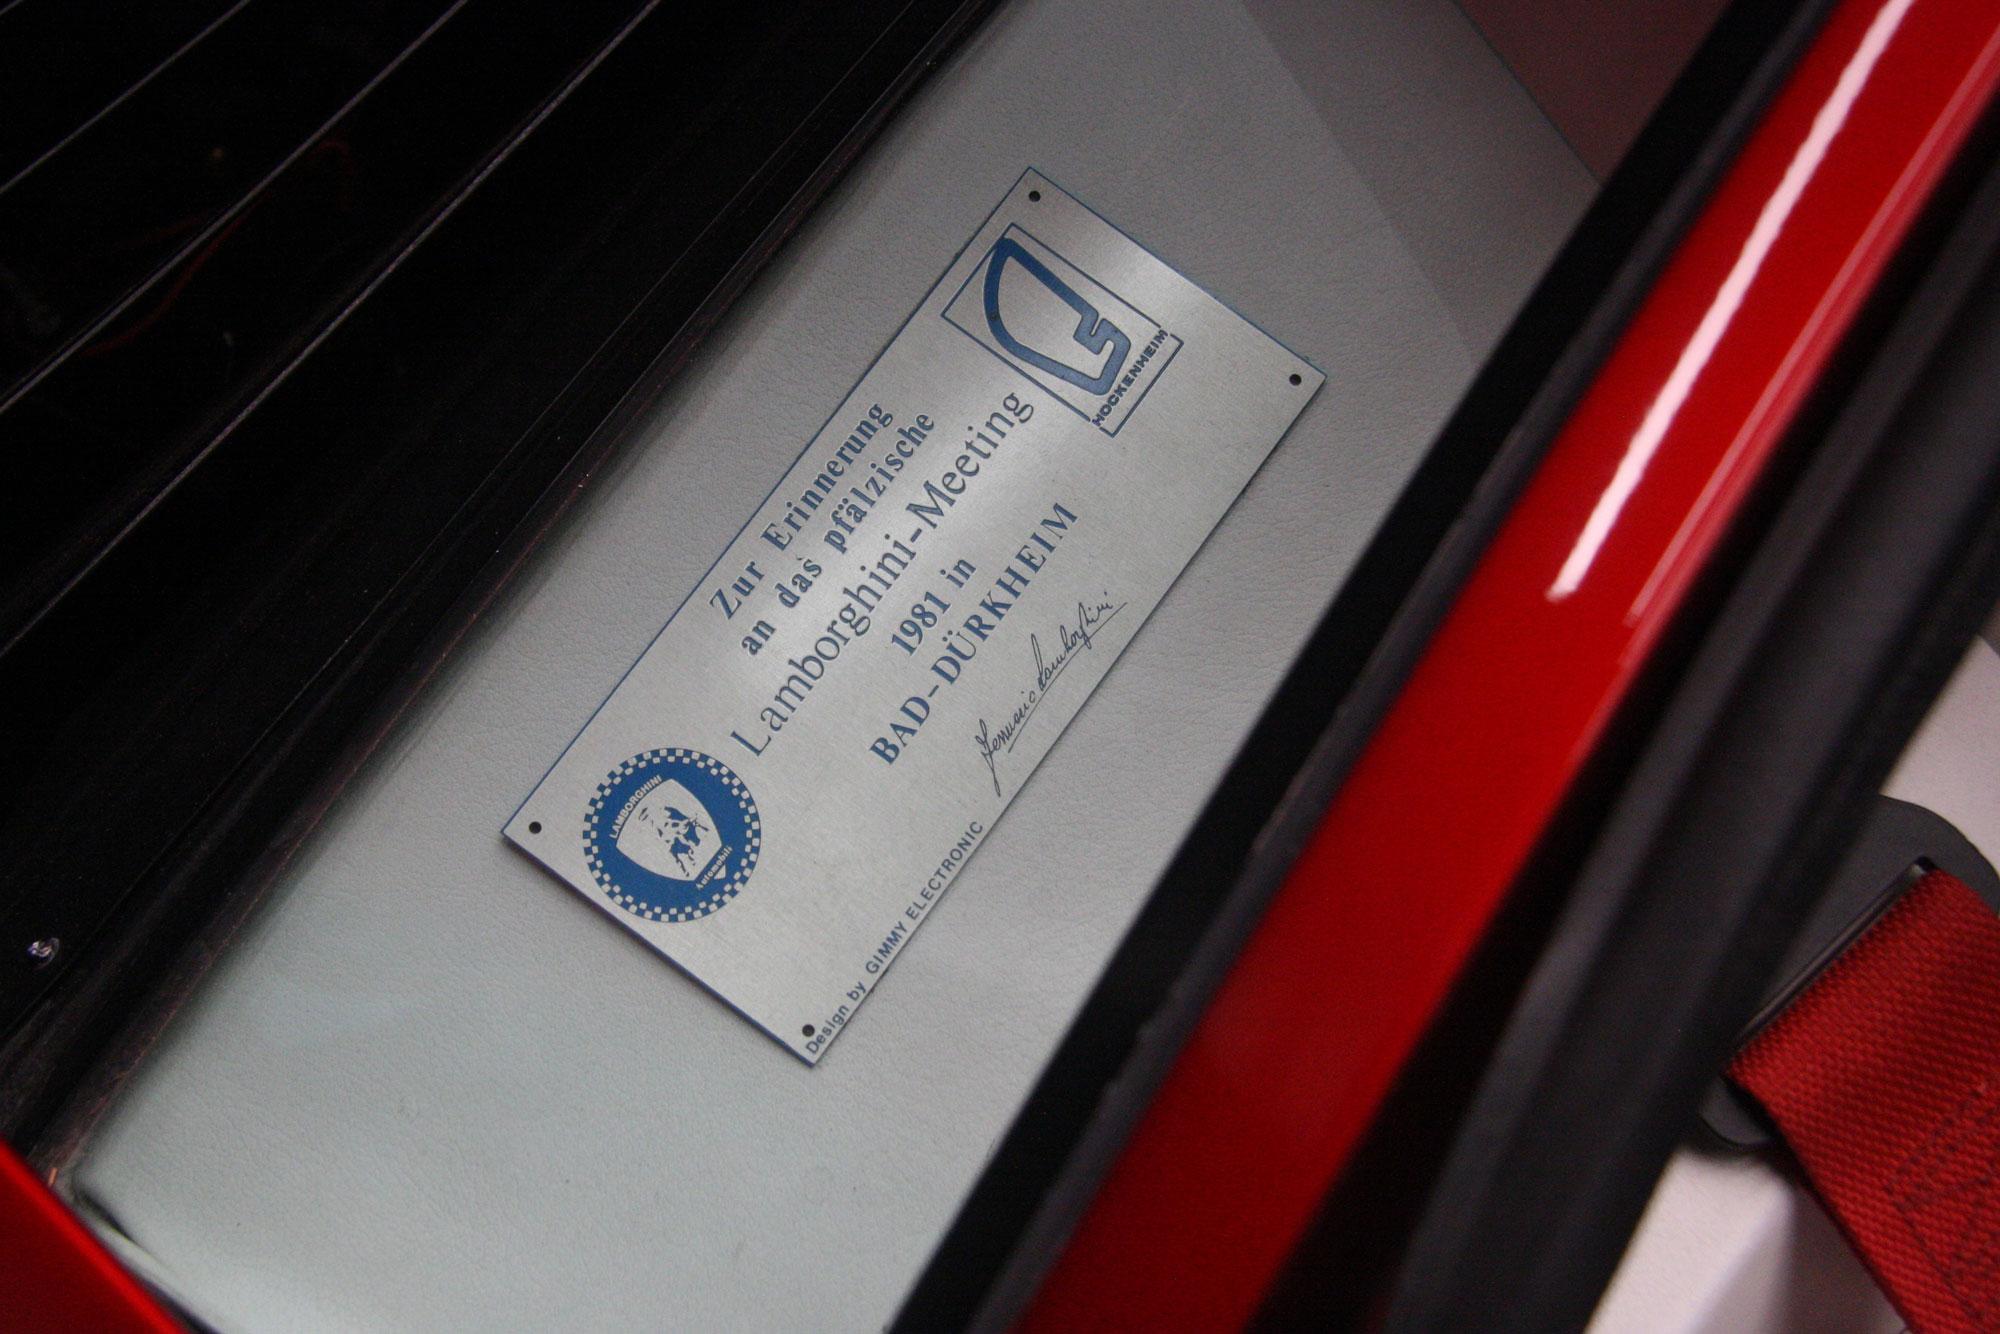 1980 Lamborghini Countach LP400 S Turbo plate